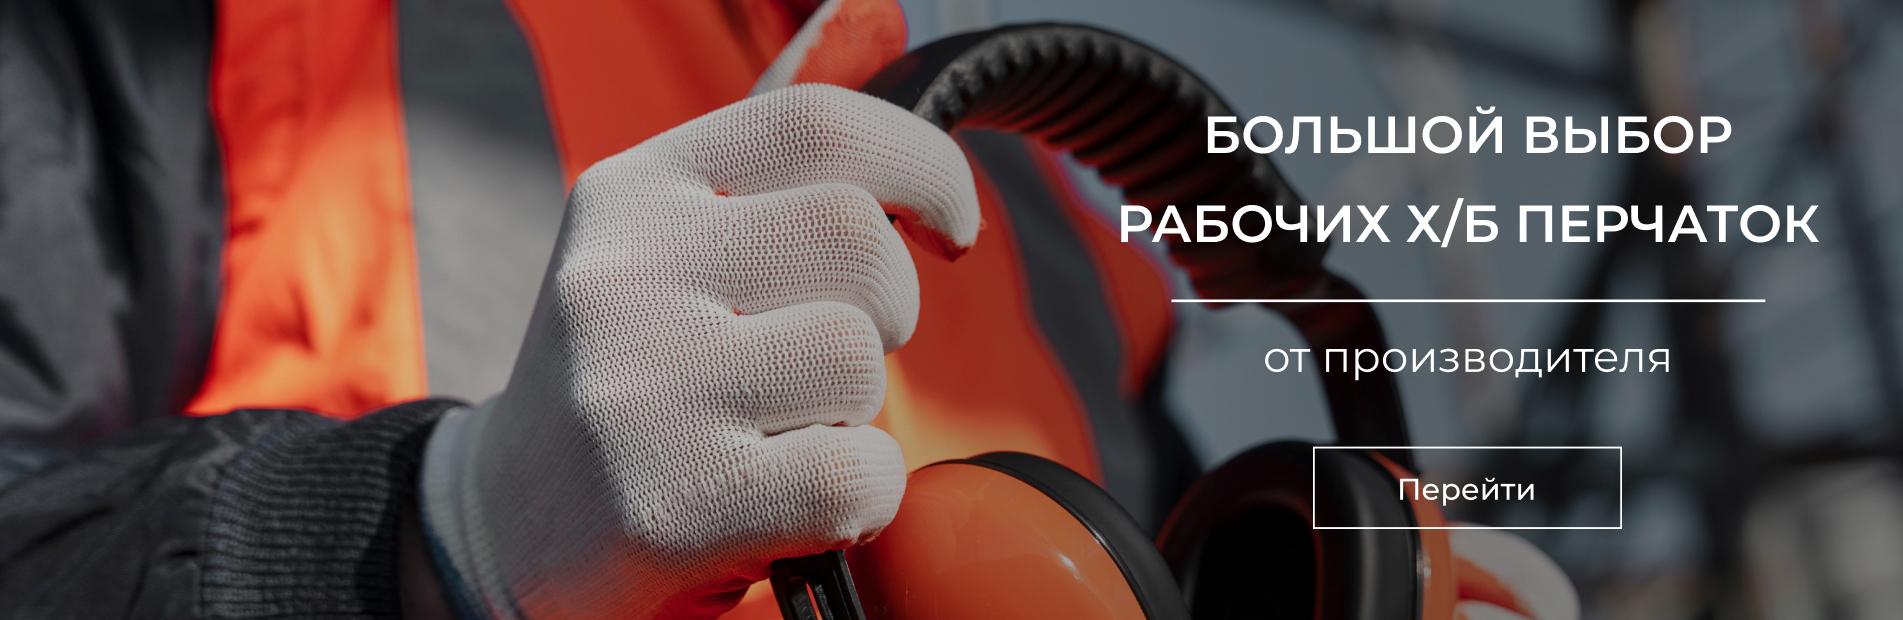 Большой выбор рабочих х/б перчаток